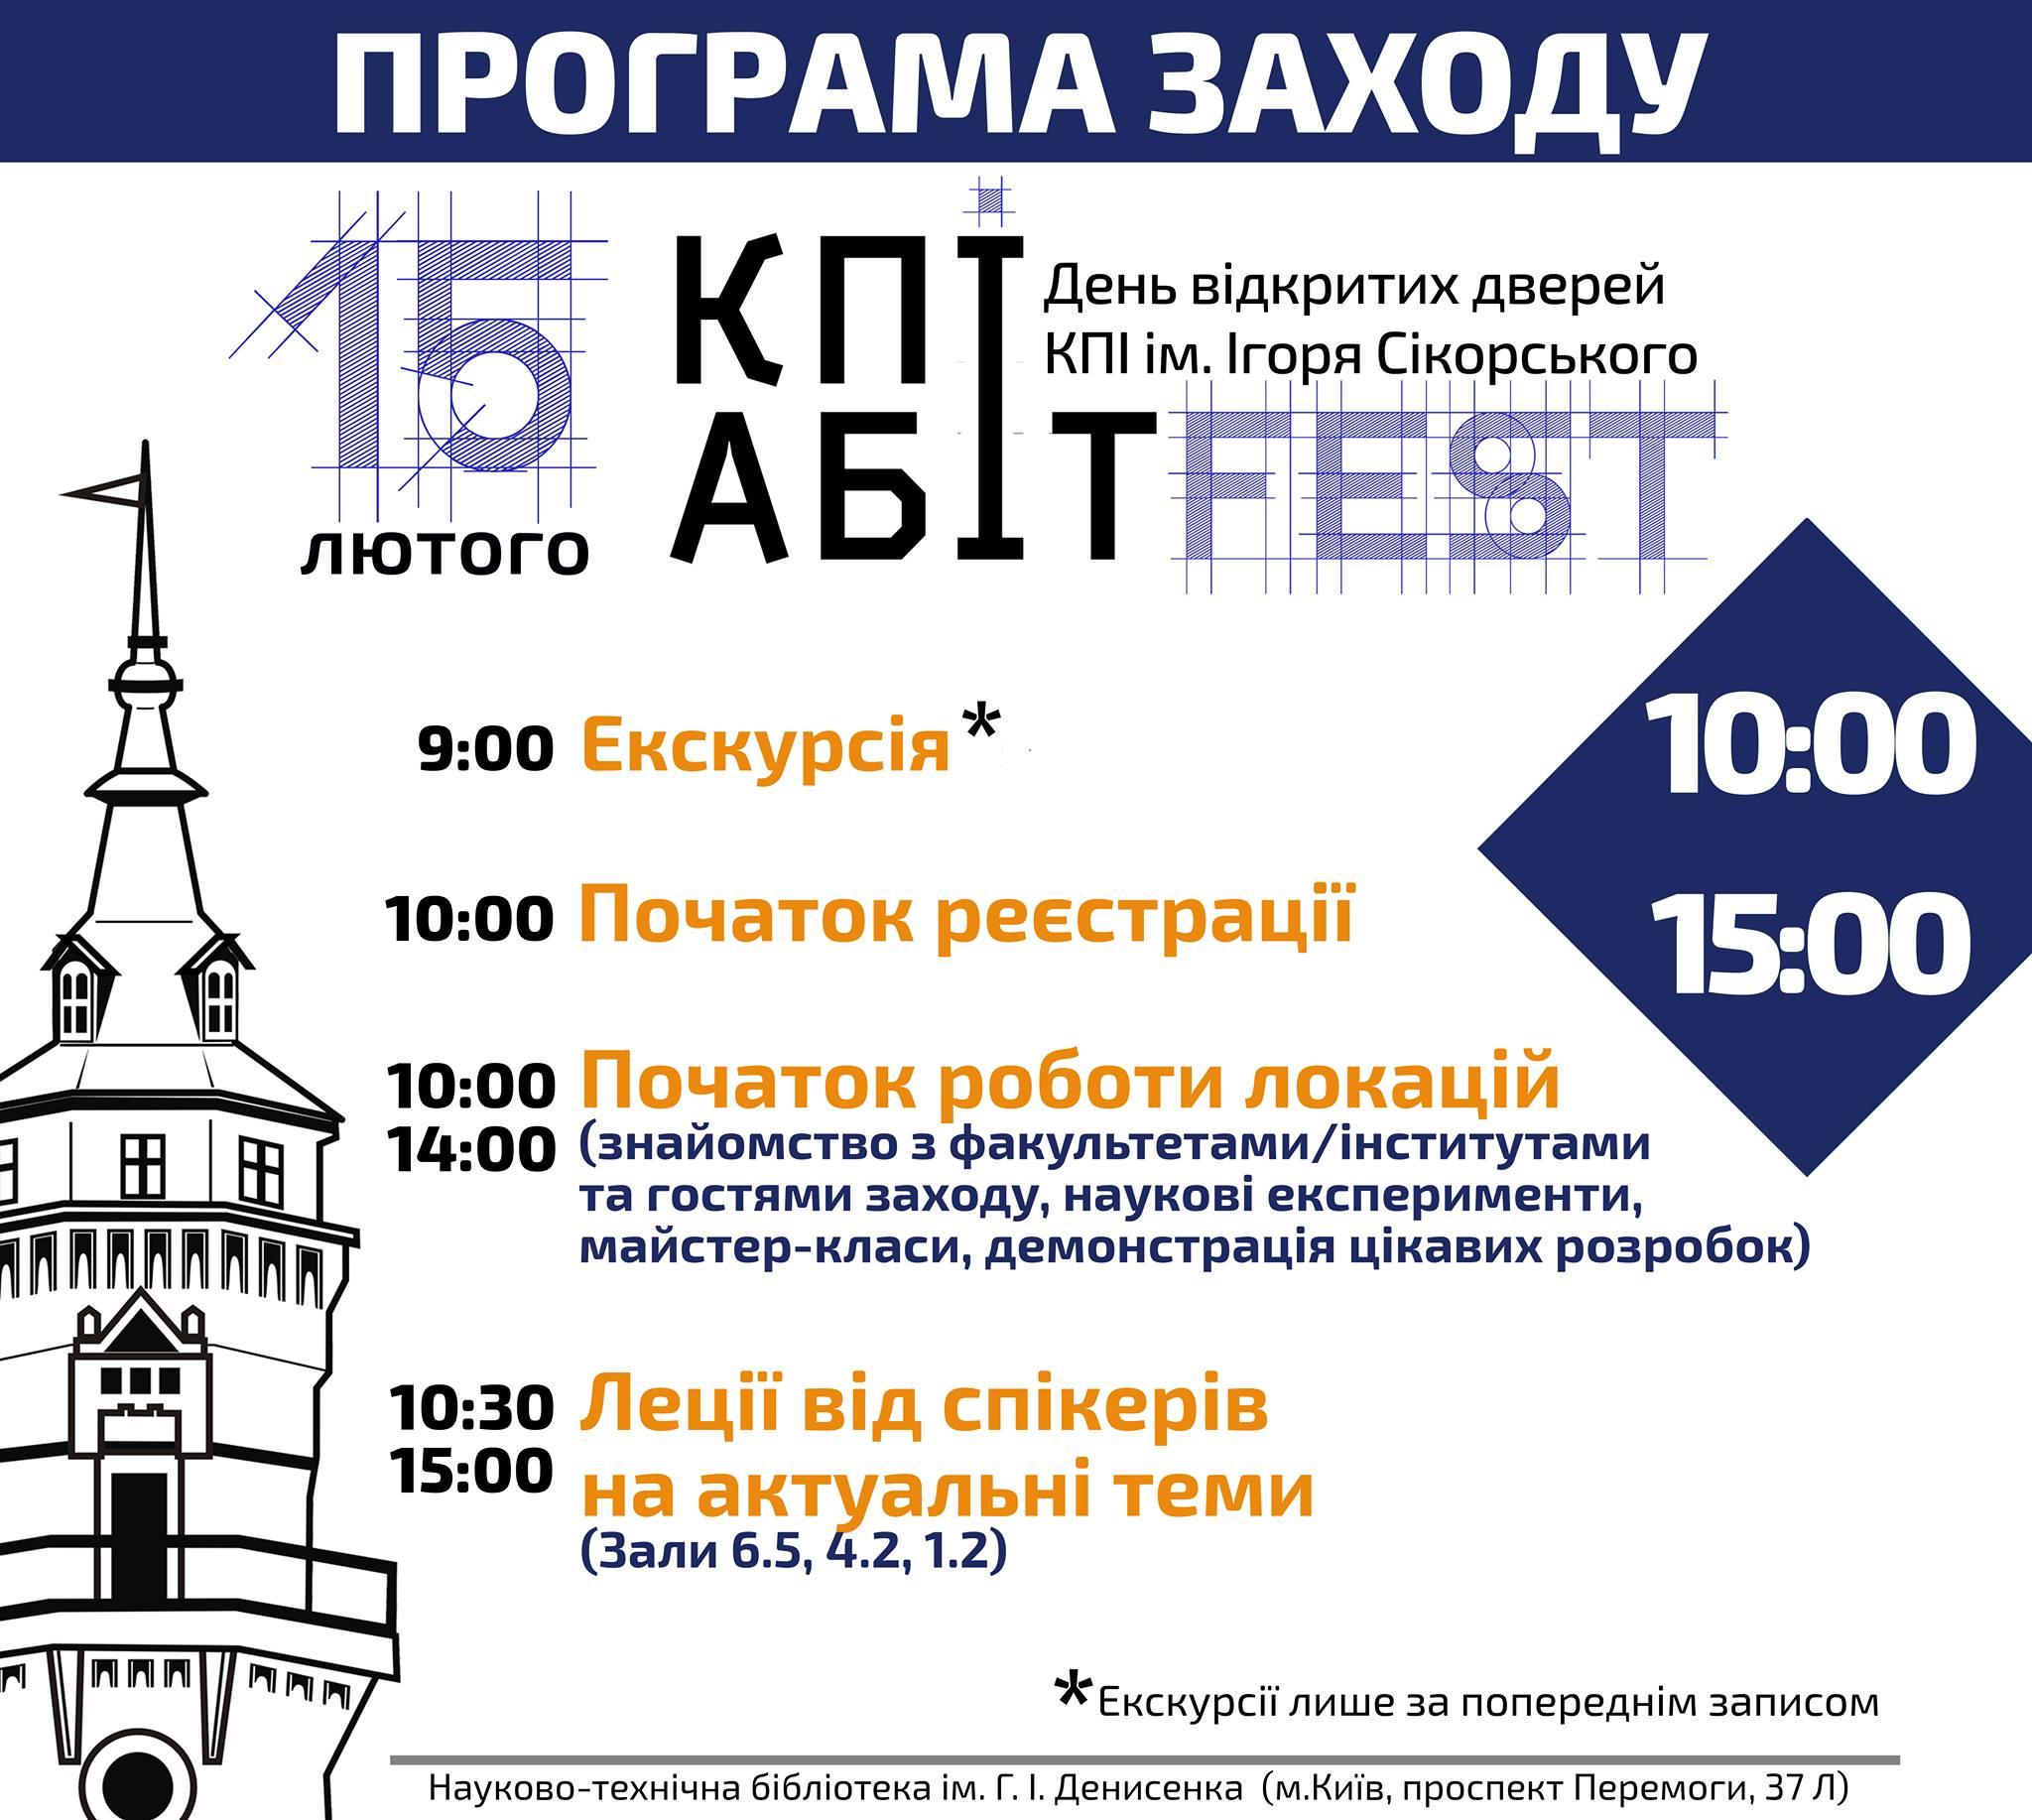 15 лютого — День відкритих дверей КПІ ім. Ігоря Сікорського КПІАбітFest